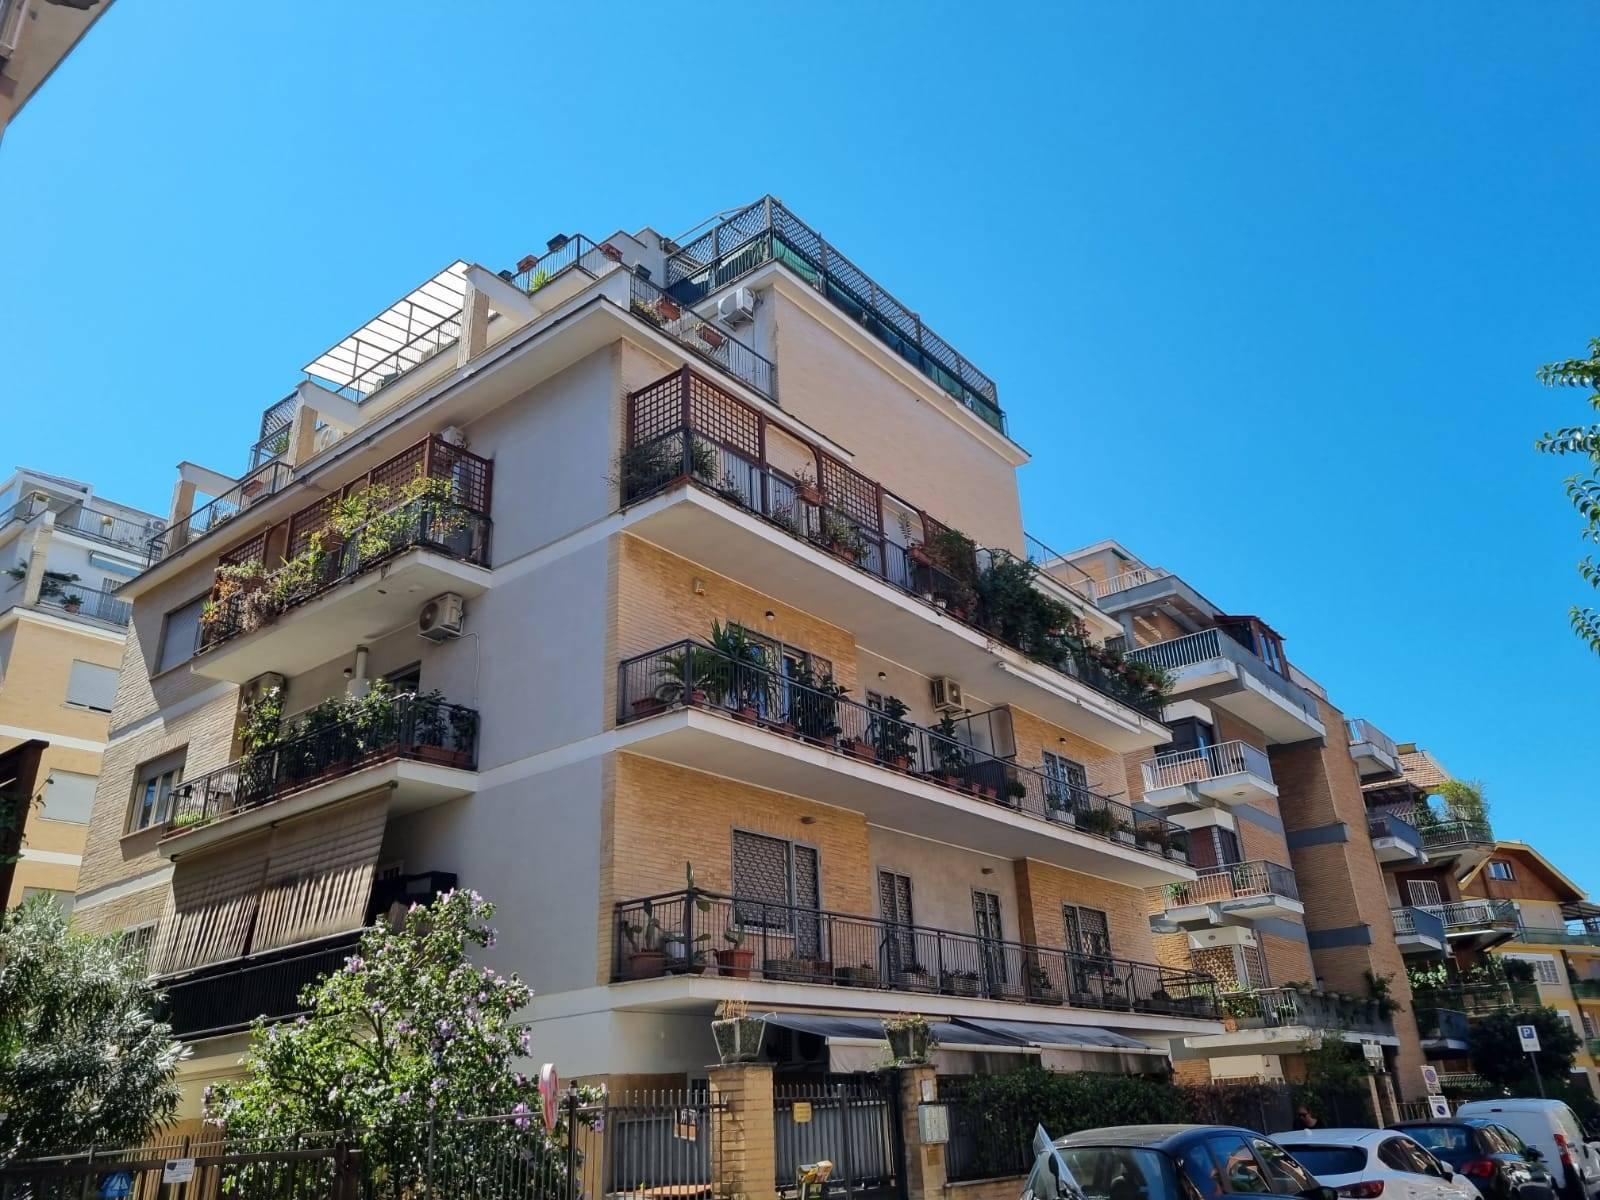 Talenti Via Isidoro del Lungo in stabile in cortina proponiamo delizioso appartamento ristrutturato piano terra di mq. 65 composto da ingresso, ampio